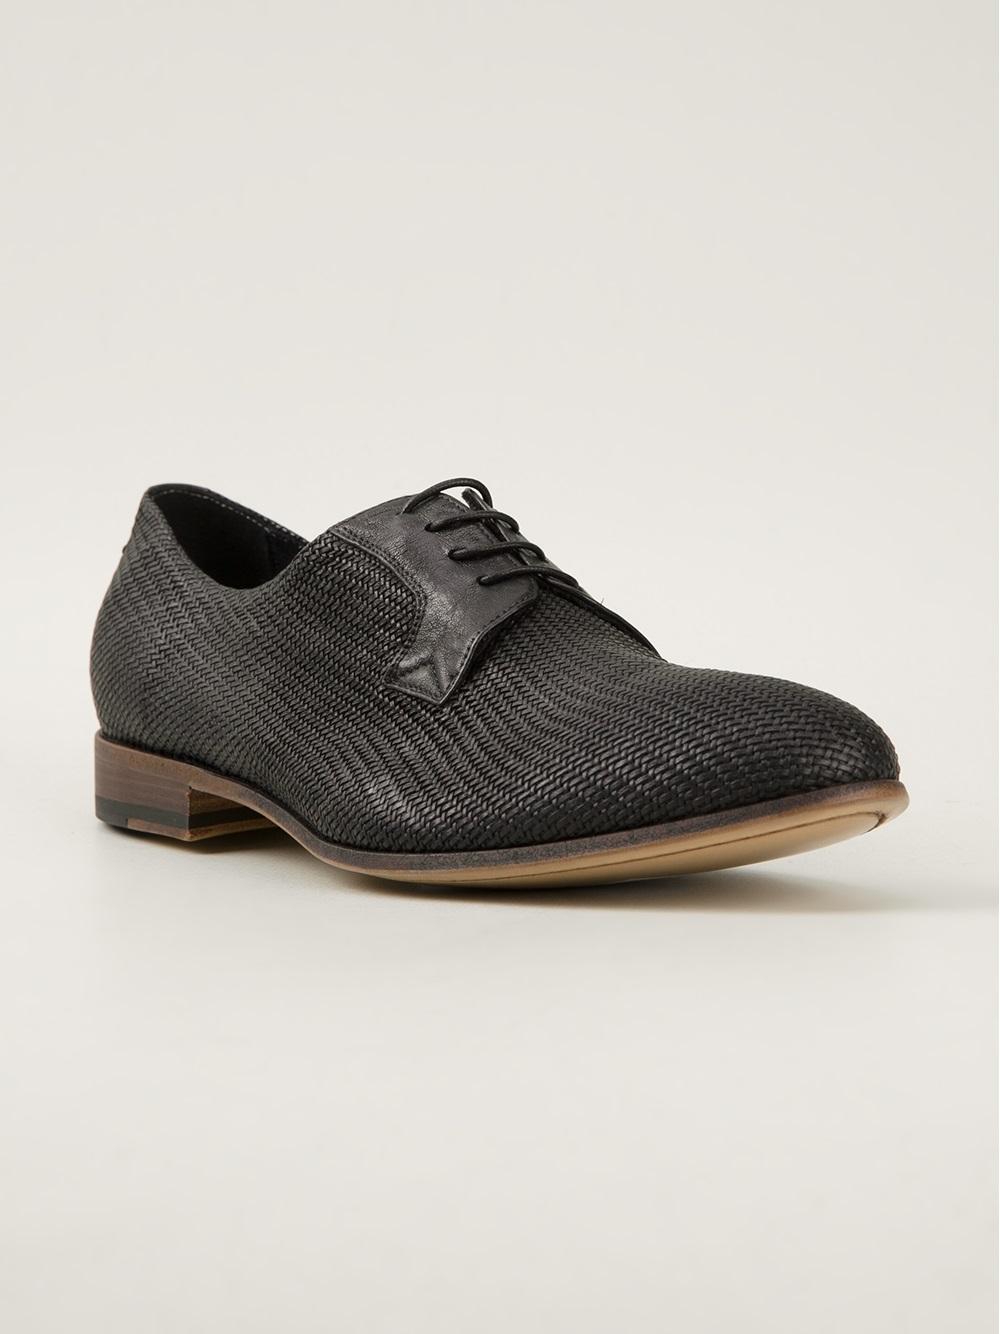 Raparo Shoes Uk